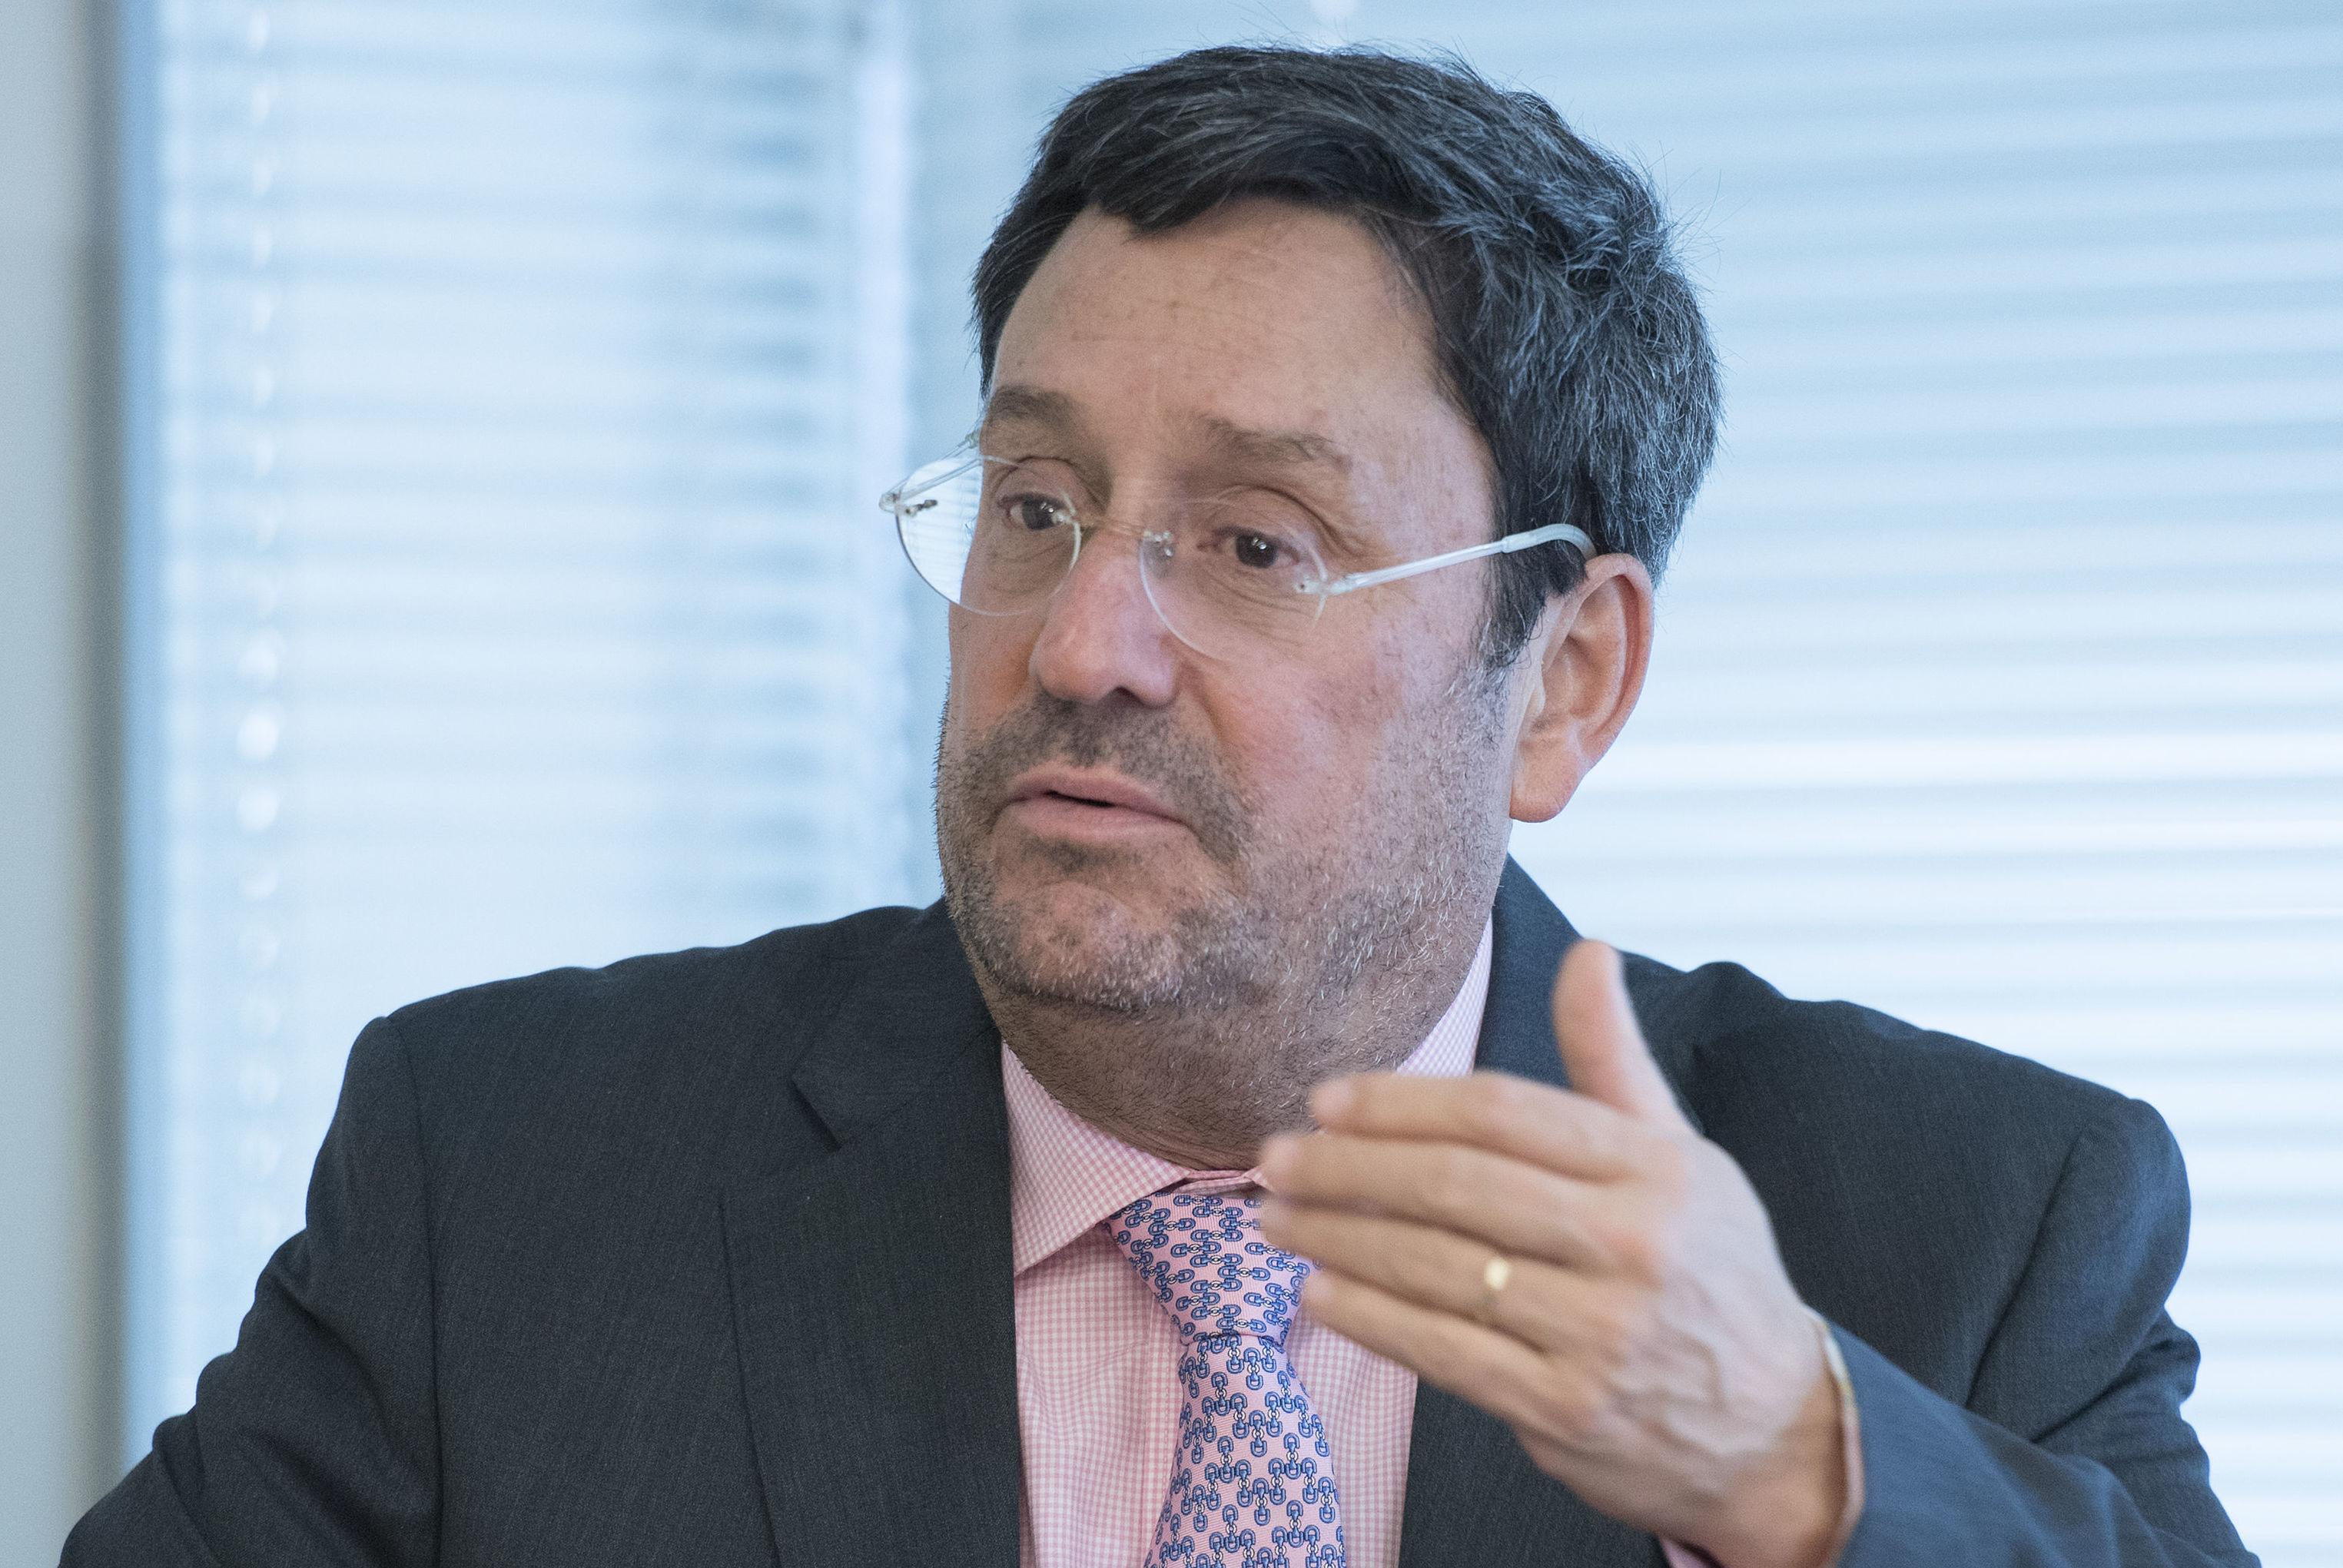 Embaixador da Colômbia em Washington conversa com repórteres (foto de arquivo)